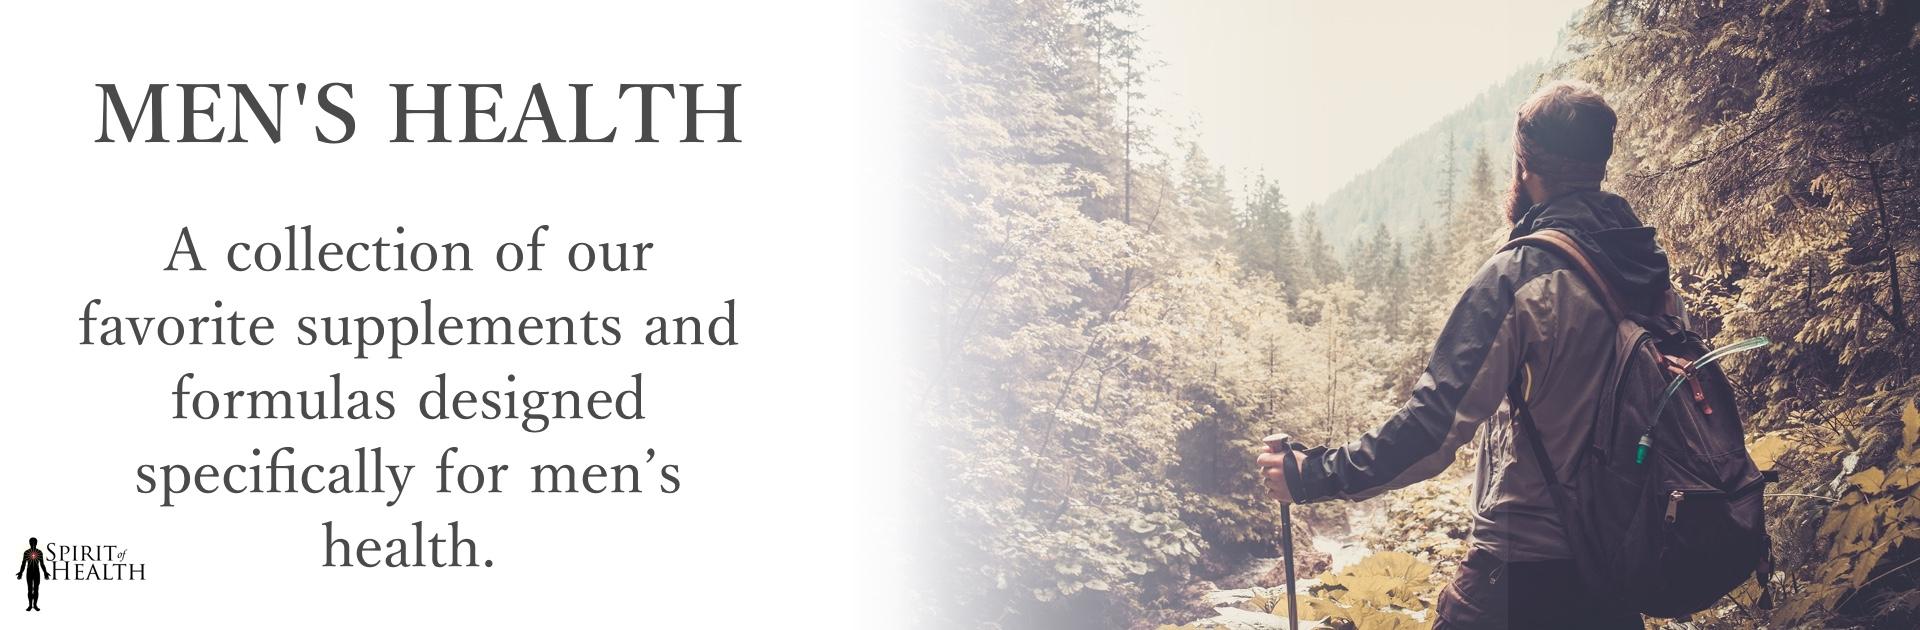 soh-store-banner-men-s-health2.jpg